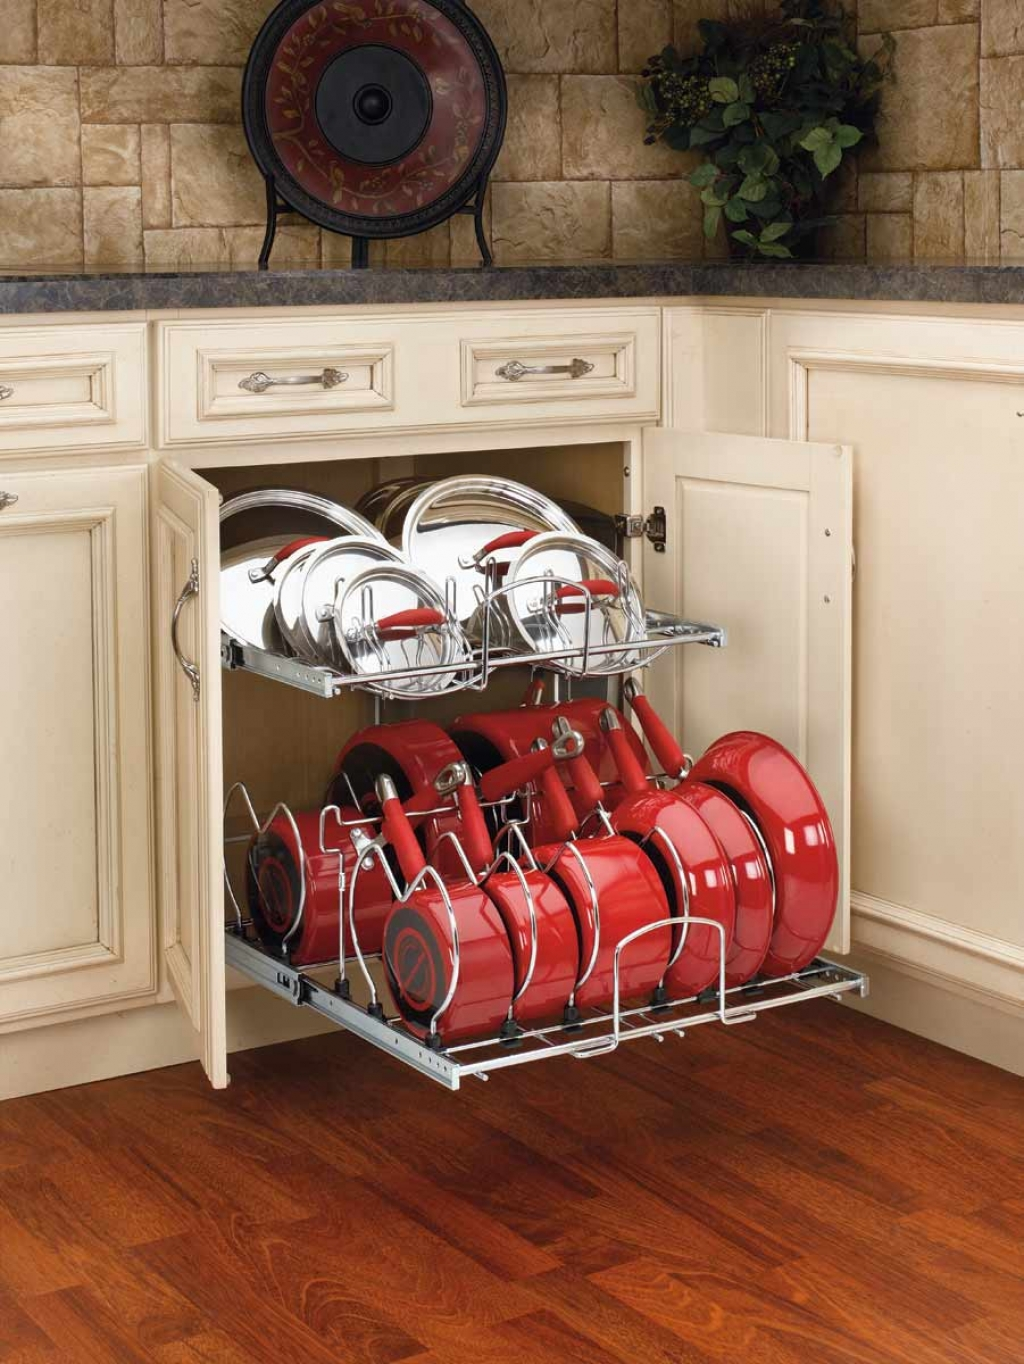 Система хранения поможет удобно и рационально использовать пространство внутри шкафчиков